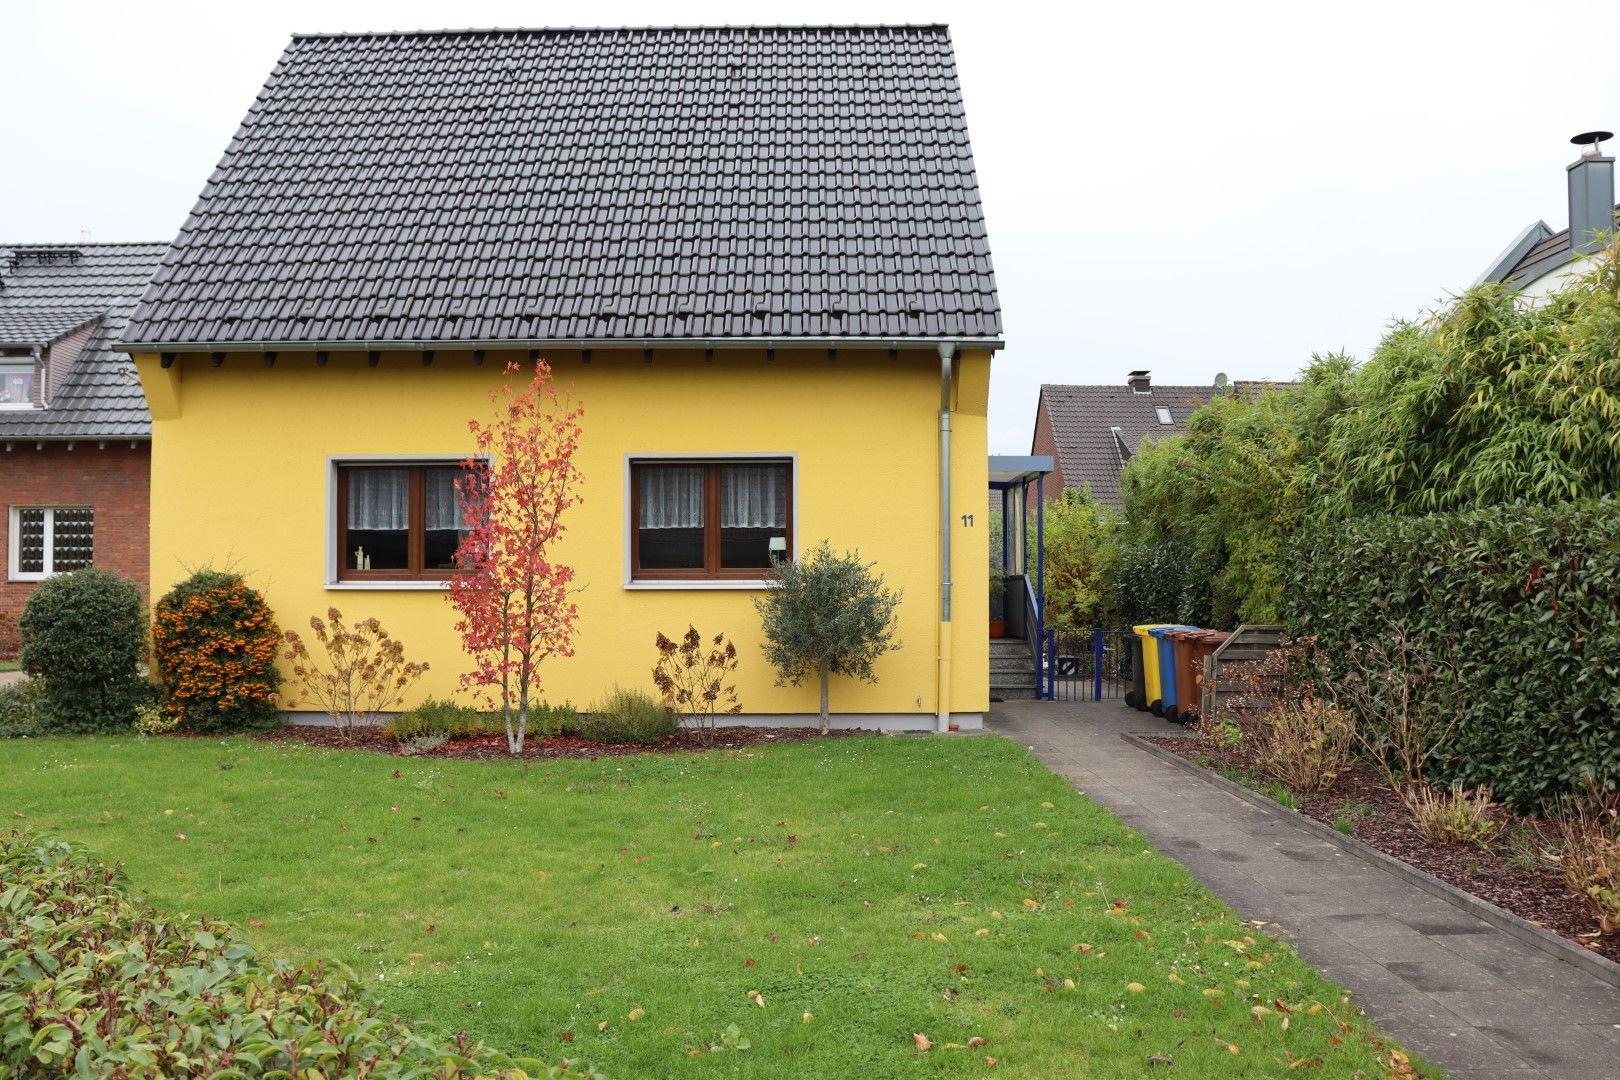 Immobilie Nr.0281 - Freistehendes EFH mit Vollkeller, Wintergarten u. Garage  - Bild 2.jpg